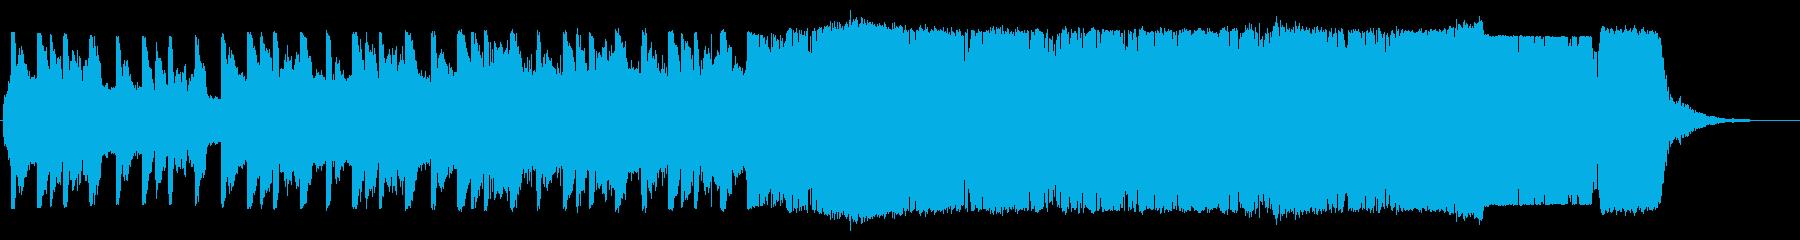 バラエティ/明るい/ノリノリ/軽快ロックの再生済みの波形